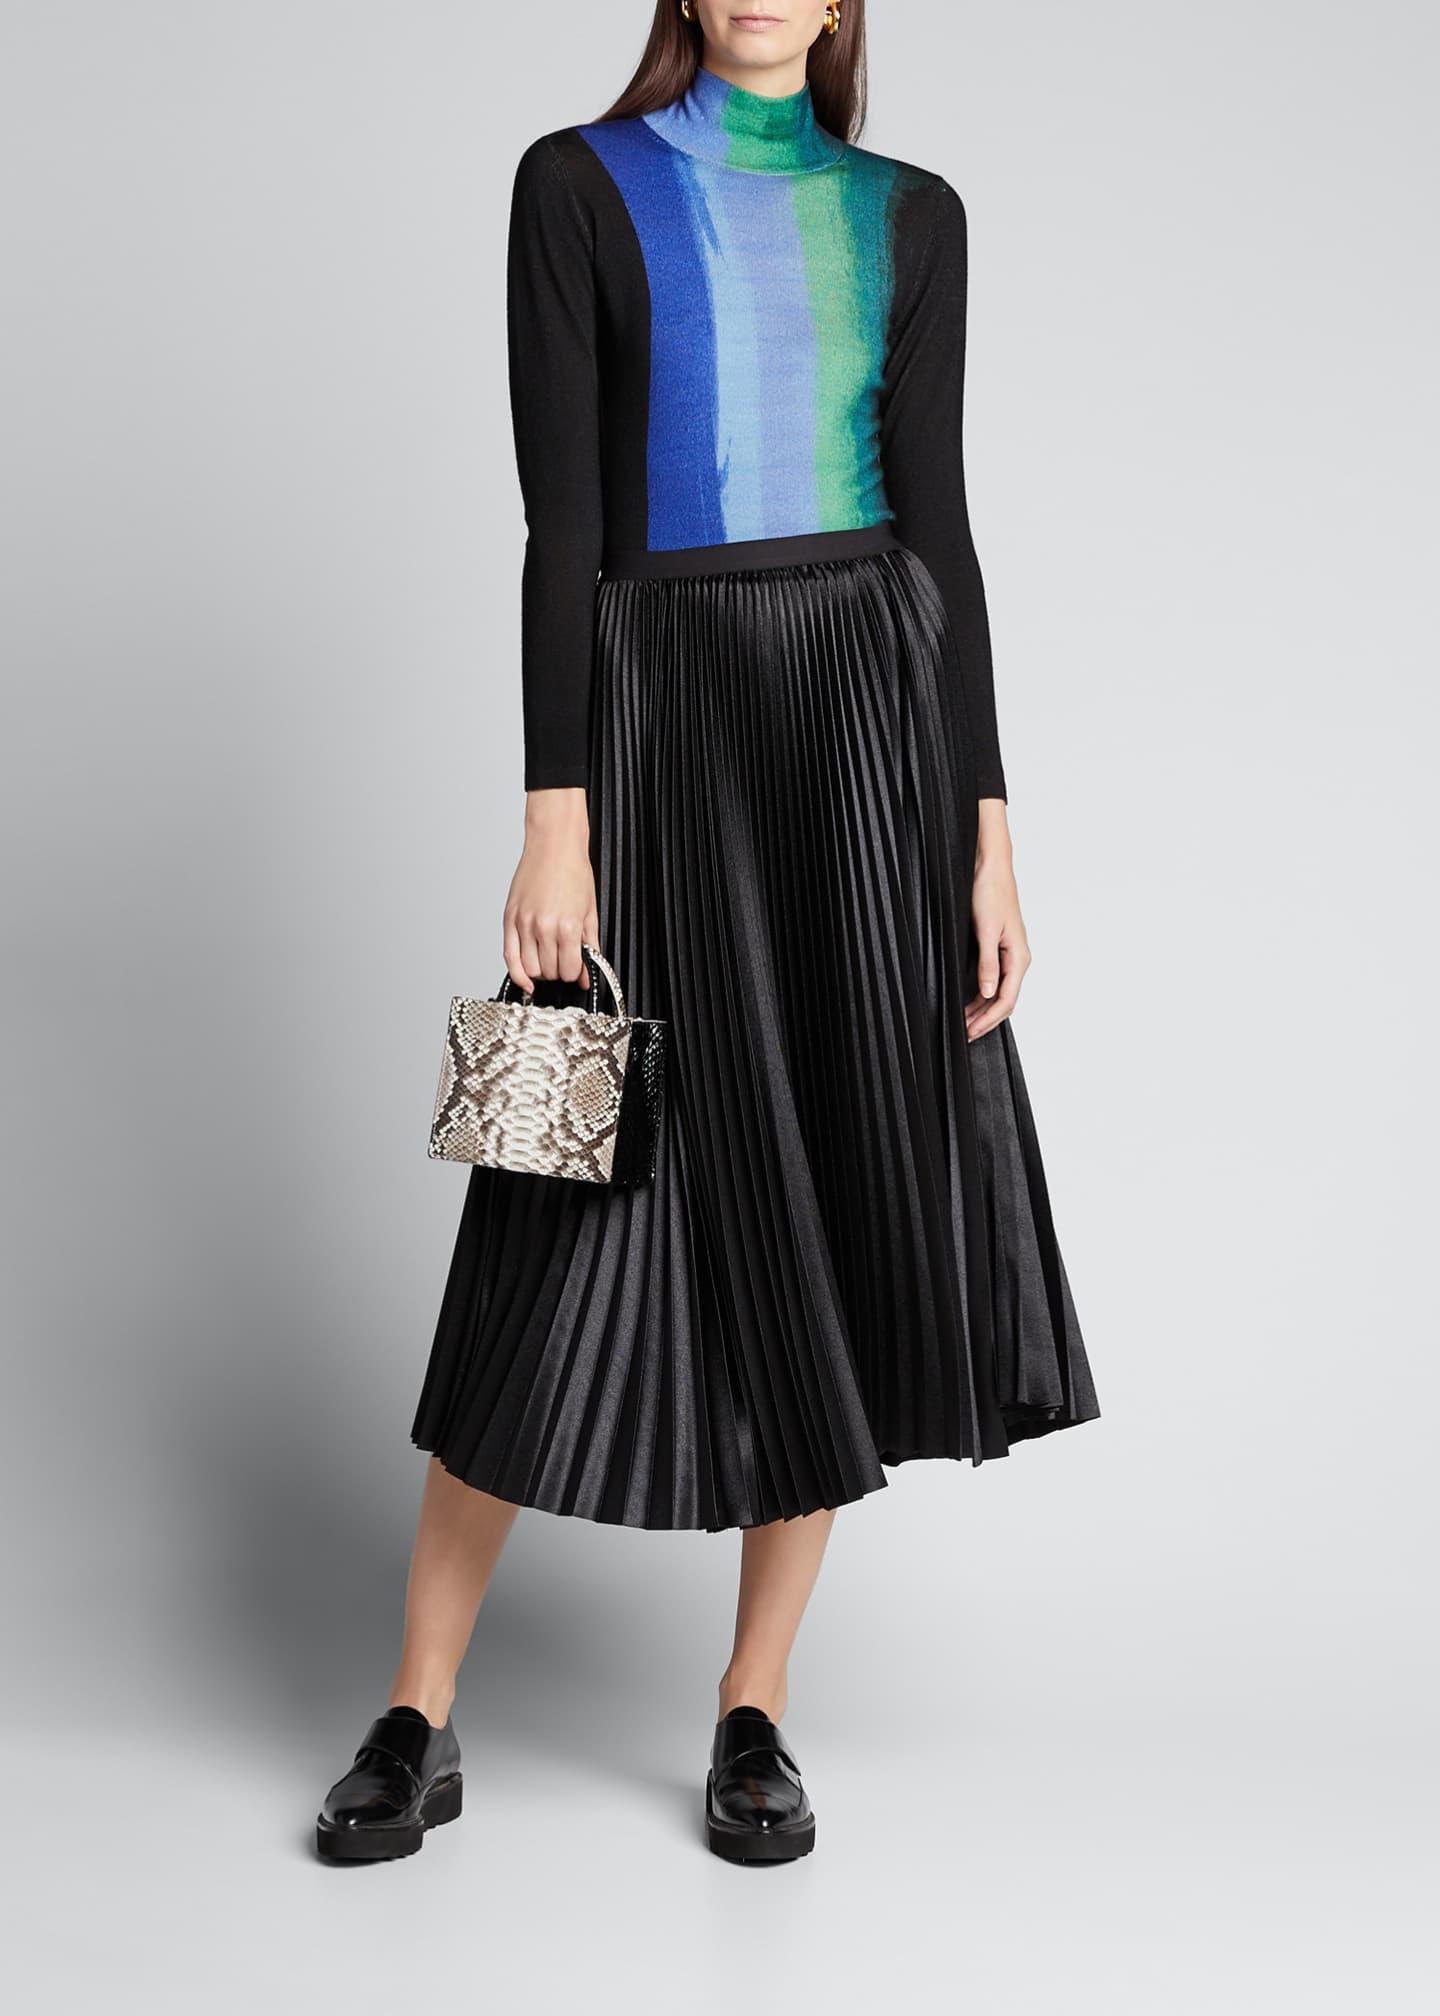 Diane von Furstenberg Brandy Wool Turtleneck Sweater